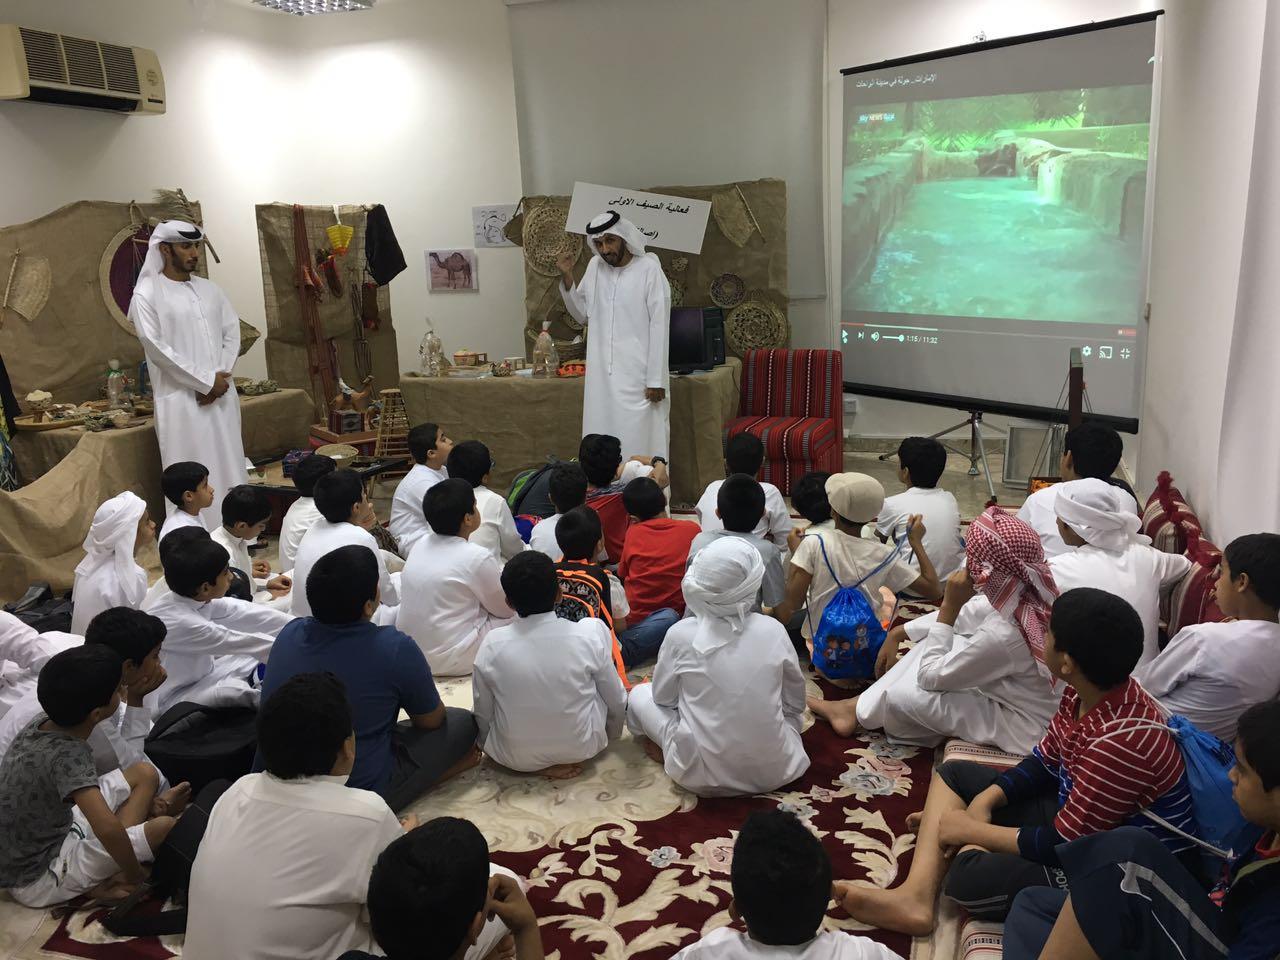 مركز العين بالتعاون مع مركز زايد للدراسات والبحوث بنادي تراث الإمارات ينظم ورشة عمل بعنوان (المقيظ في واحةالعين) ضمن فعاليات ملتقى السمالية الصيفي 2017